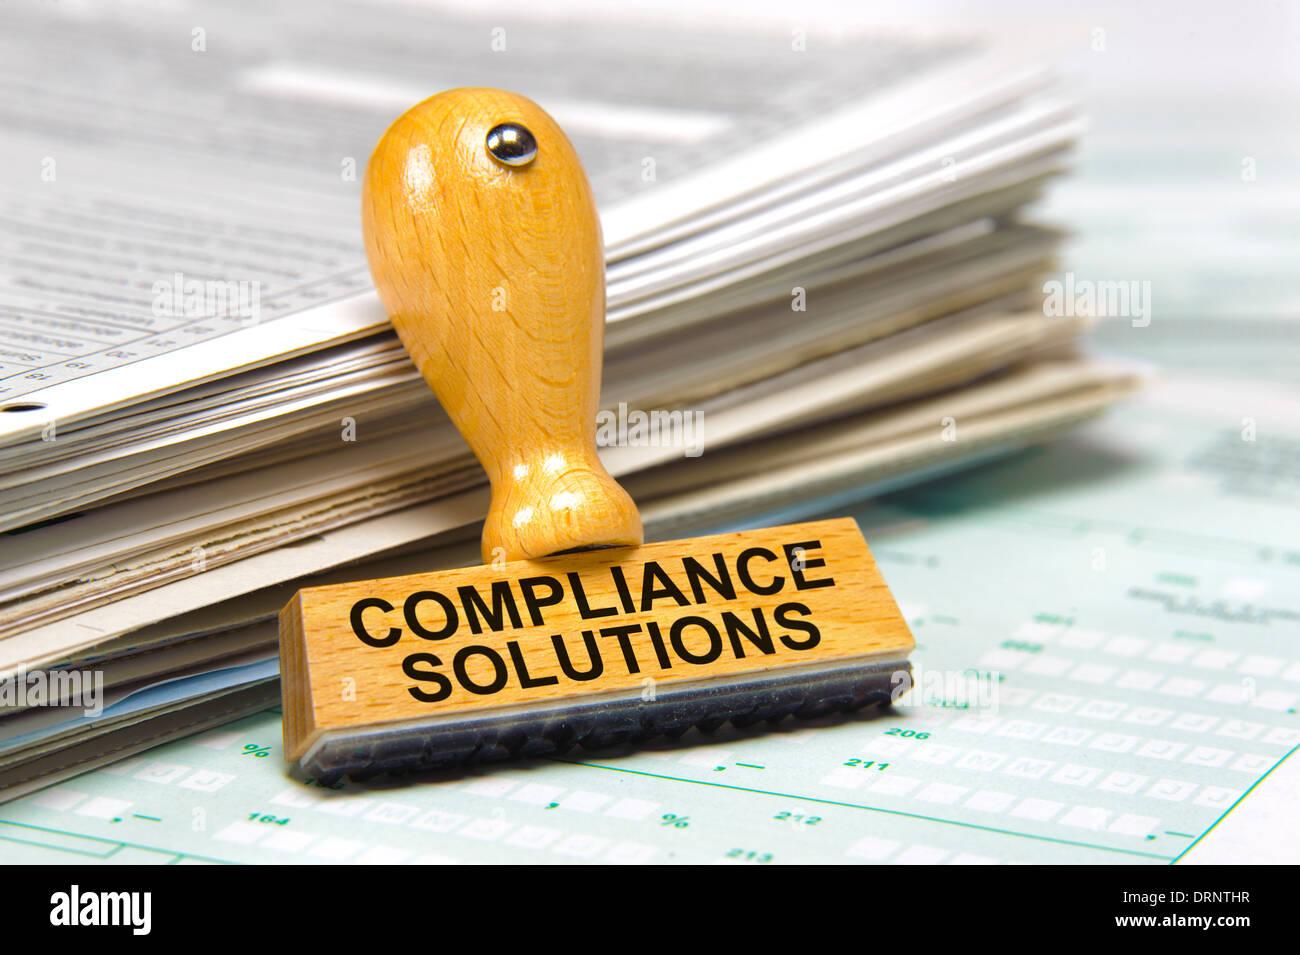 Soluciones de cumplimiento de normativas marcados en sello de caucho Imagen De Stock